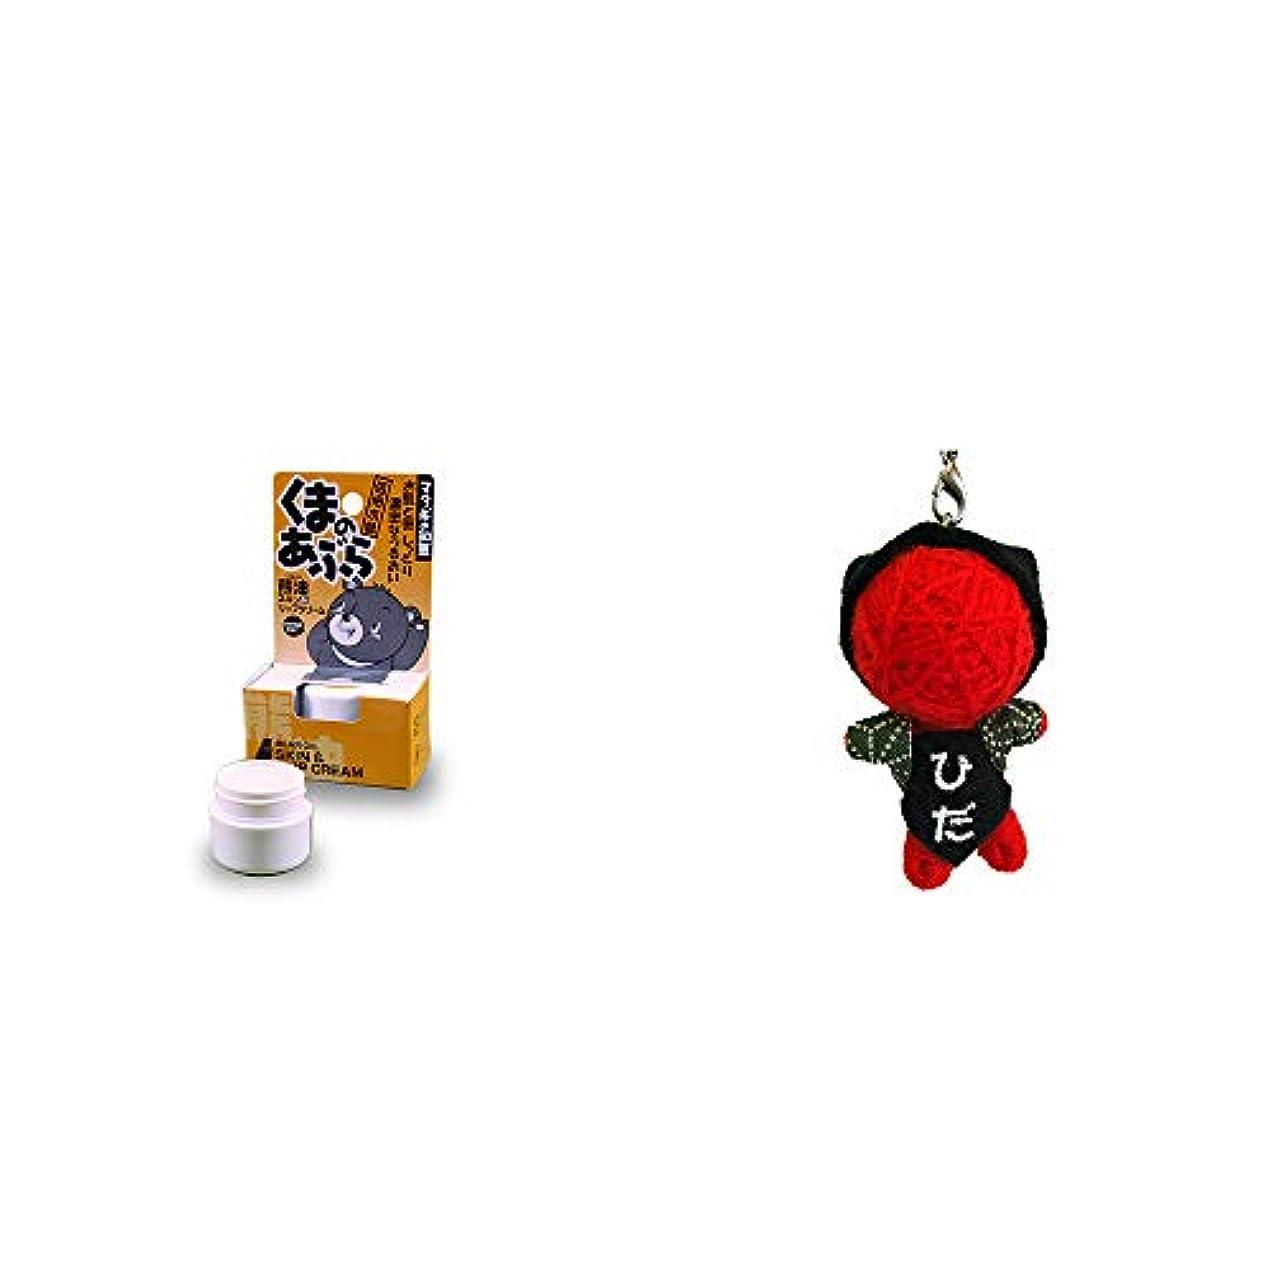 アルコールジェット師匠[2点セット] 信州木曽 くまのあぶら 熊油スキン&リップクリーム(9g)?ハッピー さるぼぼドール ブドゥドール(ストラップ) / 魔除け?身代わり人形 //